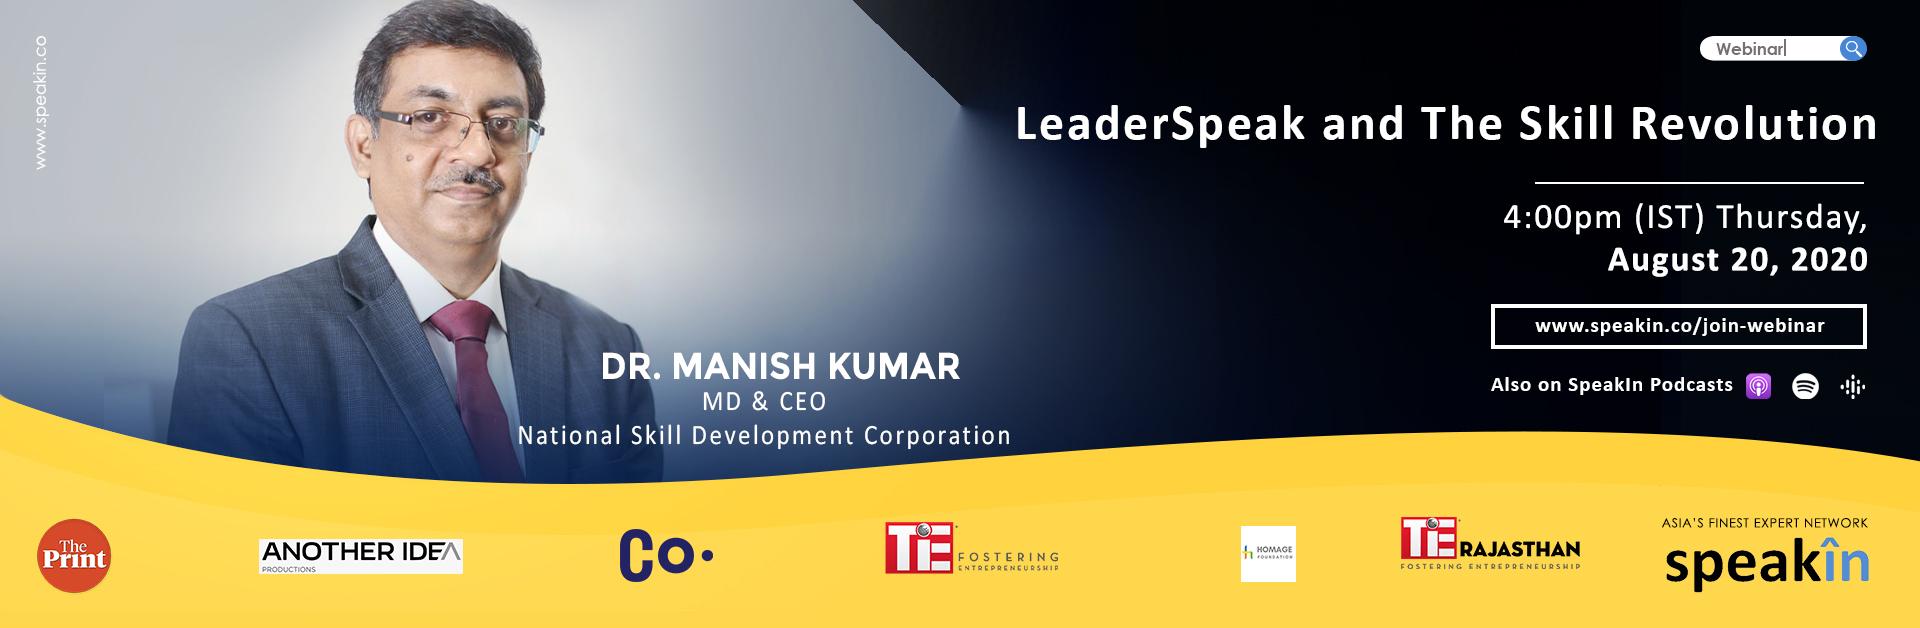 LeaderSpeak and The Skill Revolution